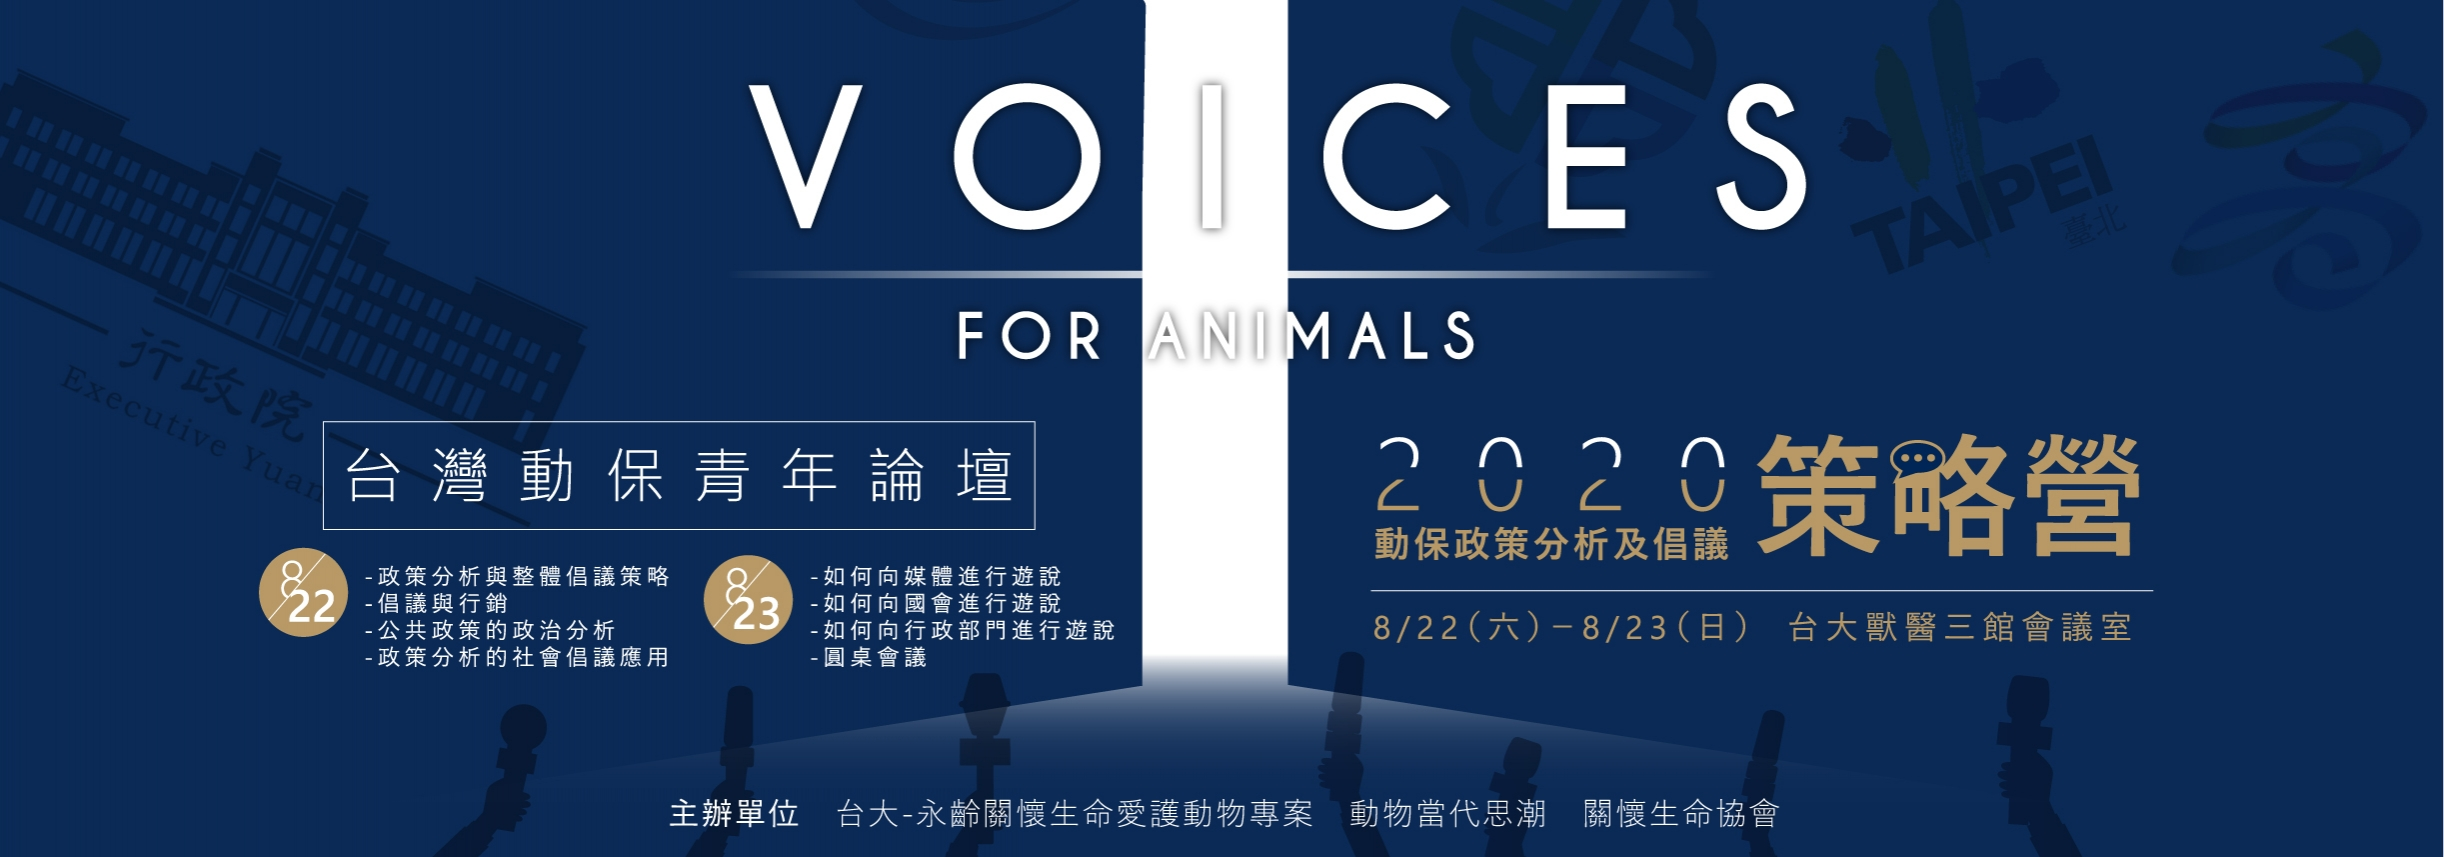 台灣動保青年論壇 - 2020動保政策分析及倡議策略營